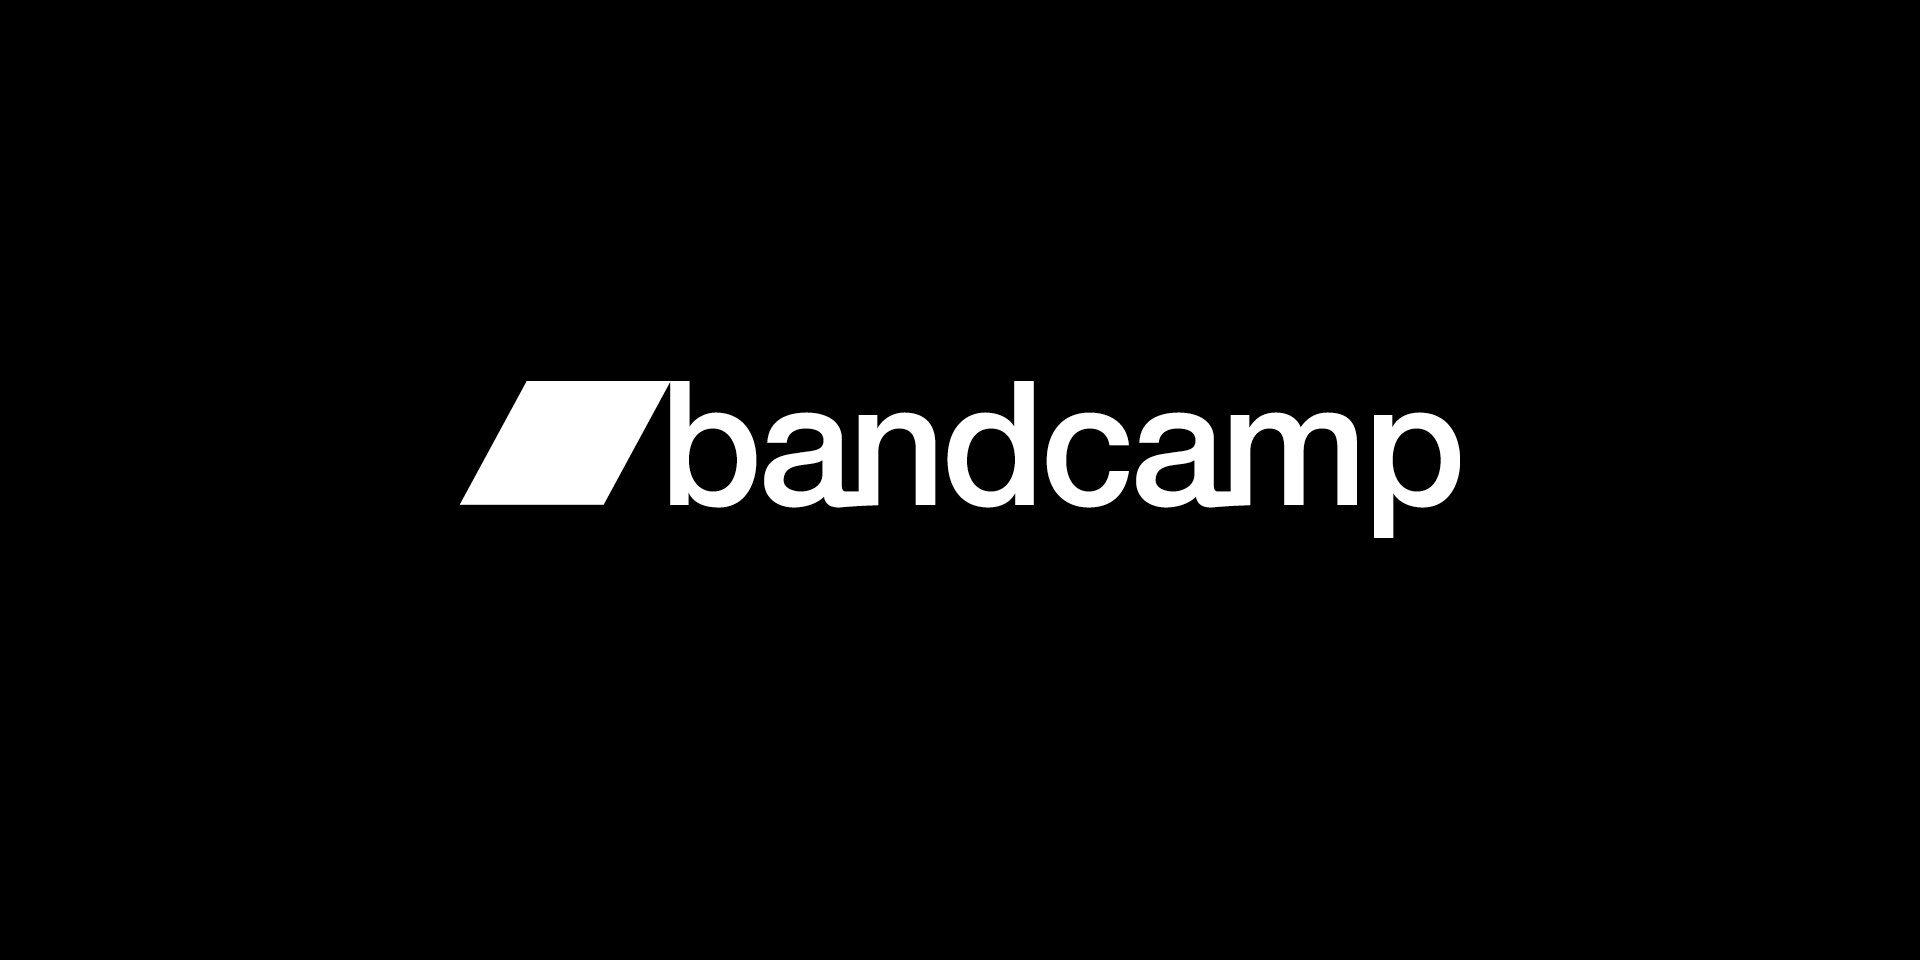 Το Bandcamp στο πλευρό των καλλιτεχνών